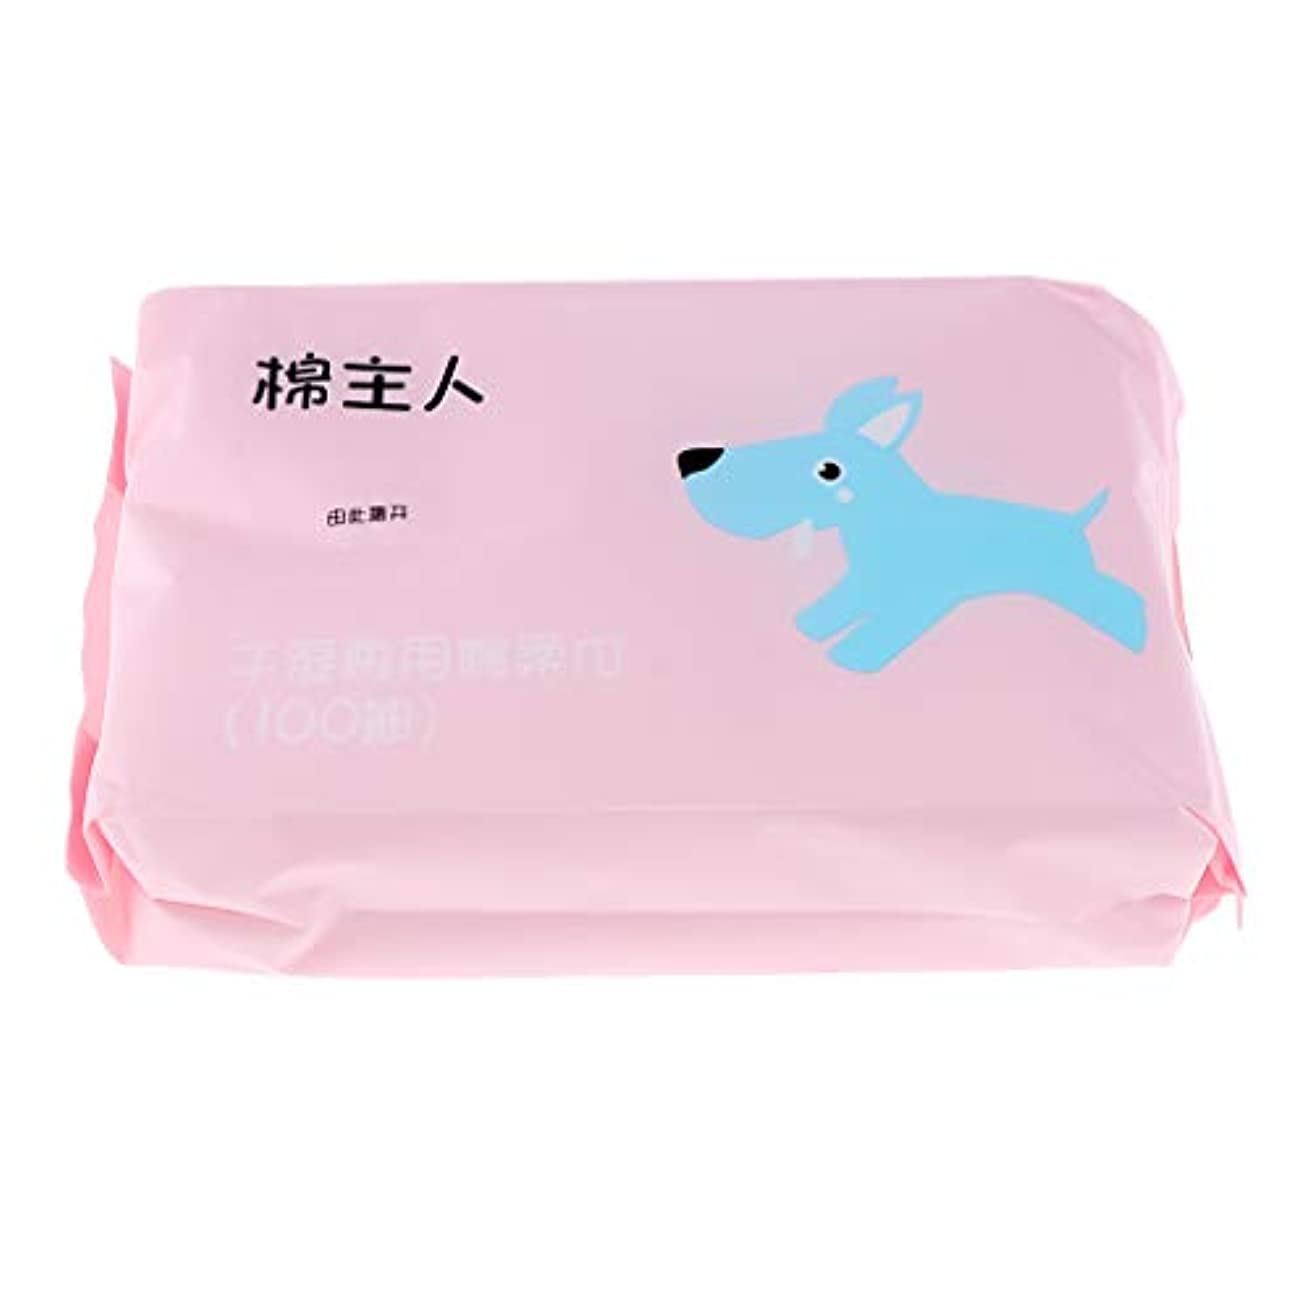 分岐する暗殺者辞書クレンジングシート メイク落とし 軽量 便利 敏感肌用 非刺激 不織布 フェイスタオル 約100枚 - ピンク